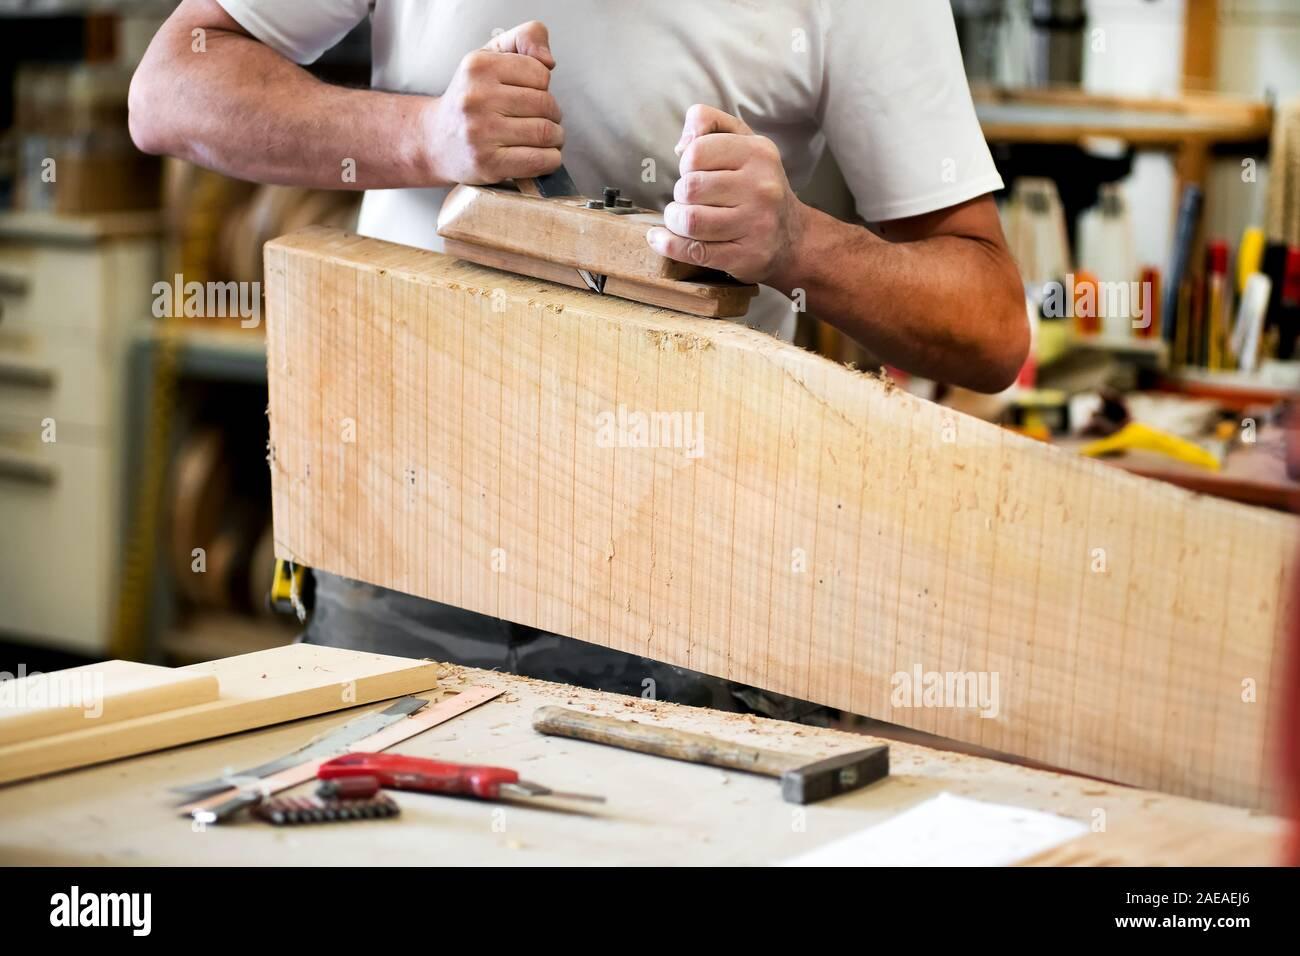 Carpenter lavora con una ruspa su un blocco di legno la levigatura della superficie in un incontro ravvicinato con le sue mani e gli strumenti sul banco di lavoro Foto Stock